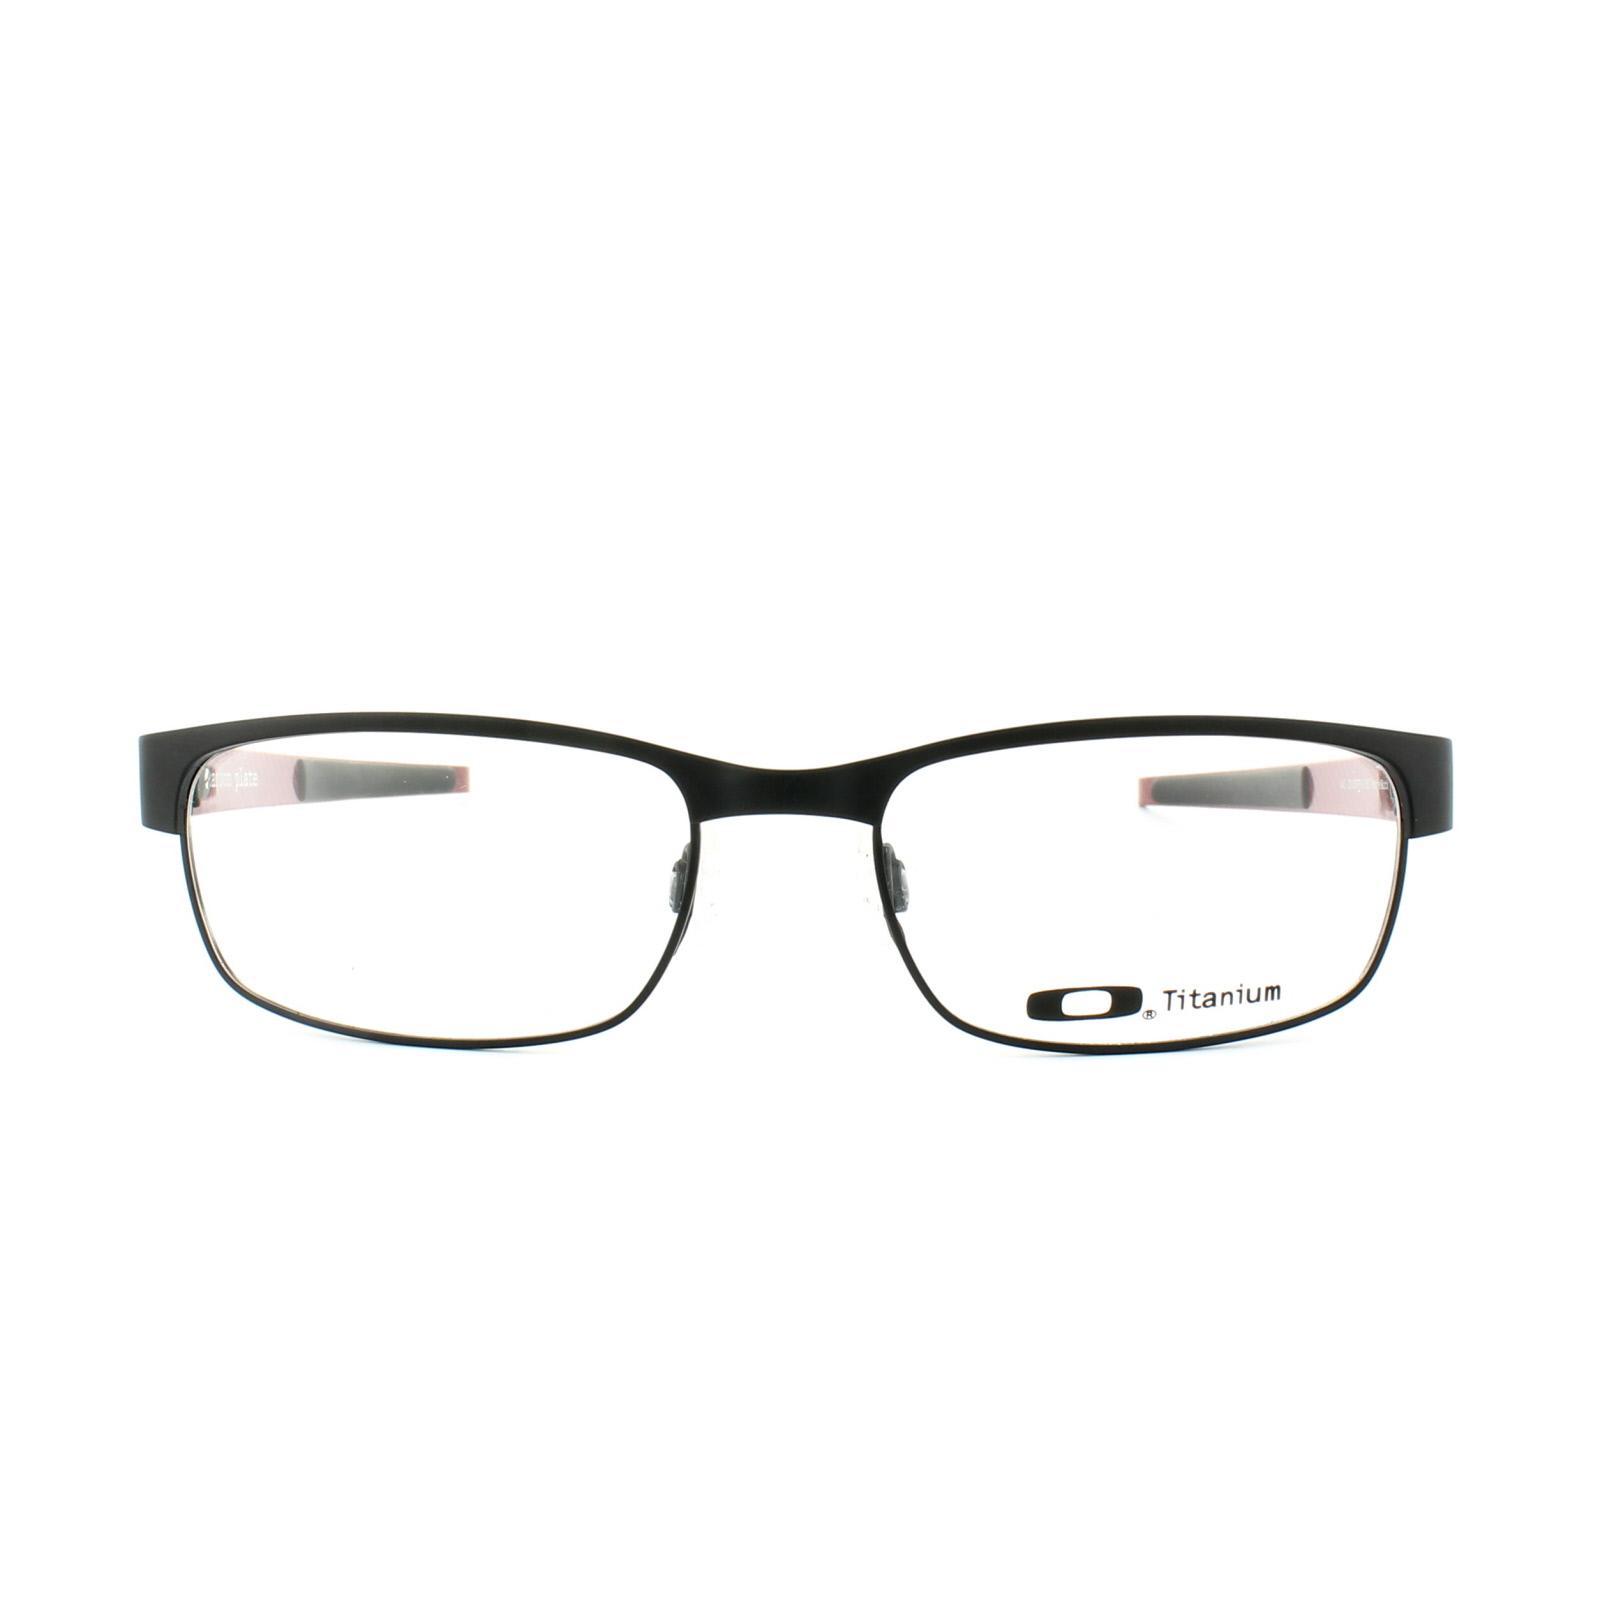 f76d4301ca Oakley Eyeglass Frames Ebay - Bitterroot Public Library